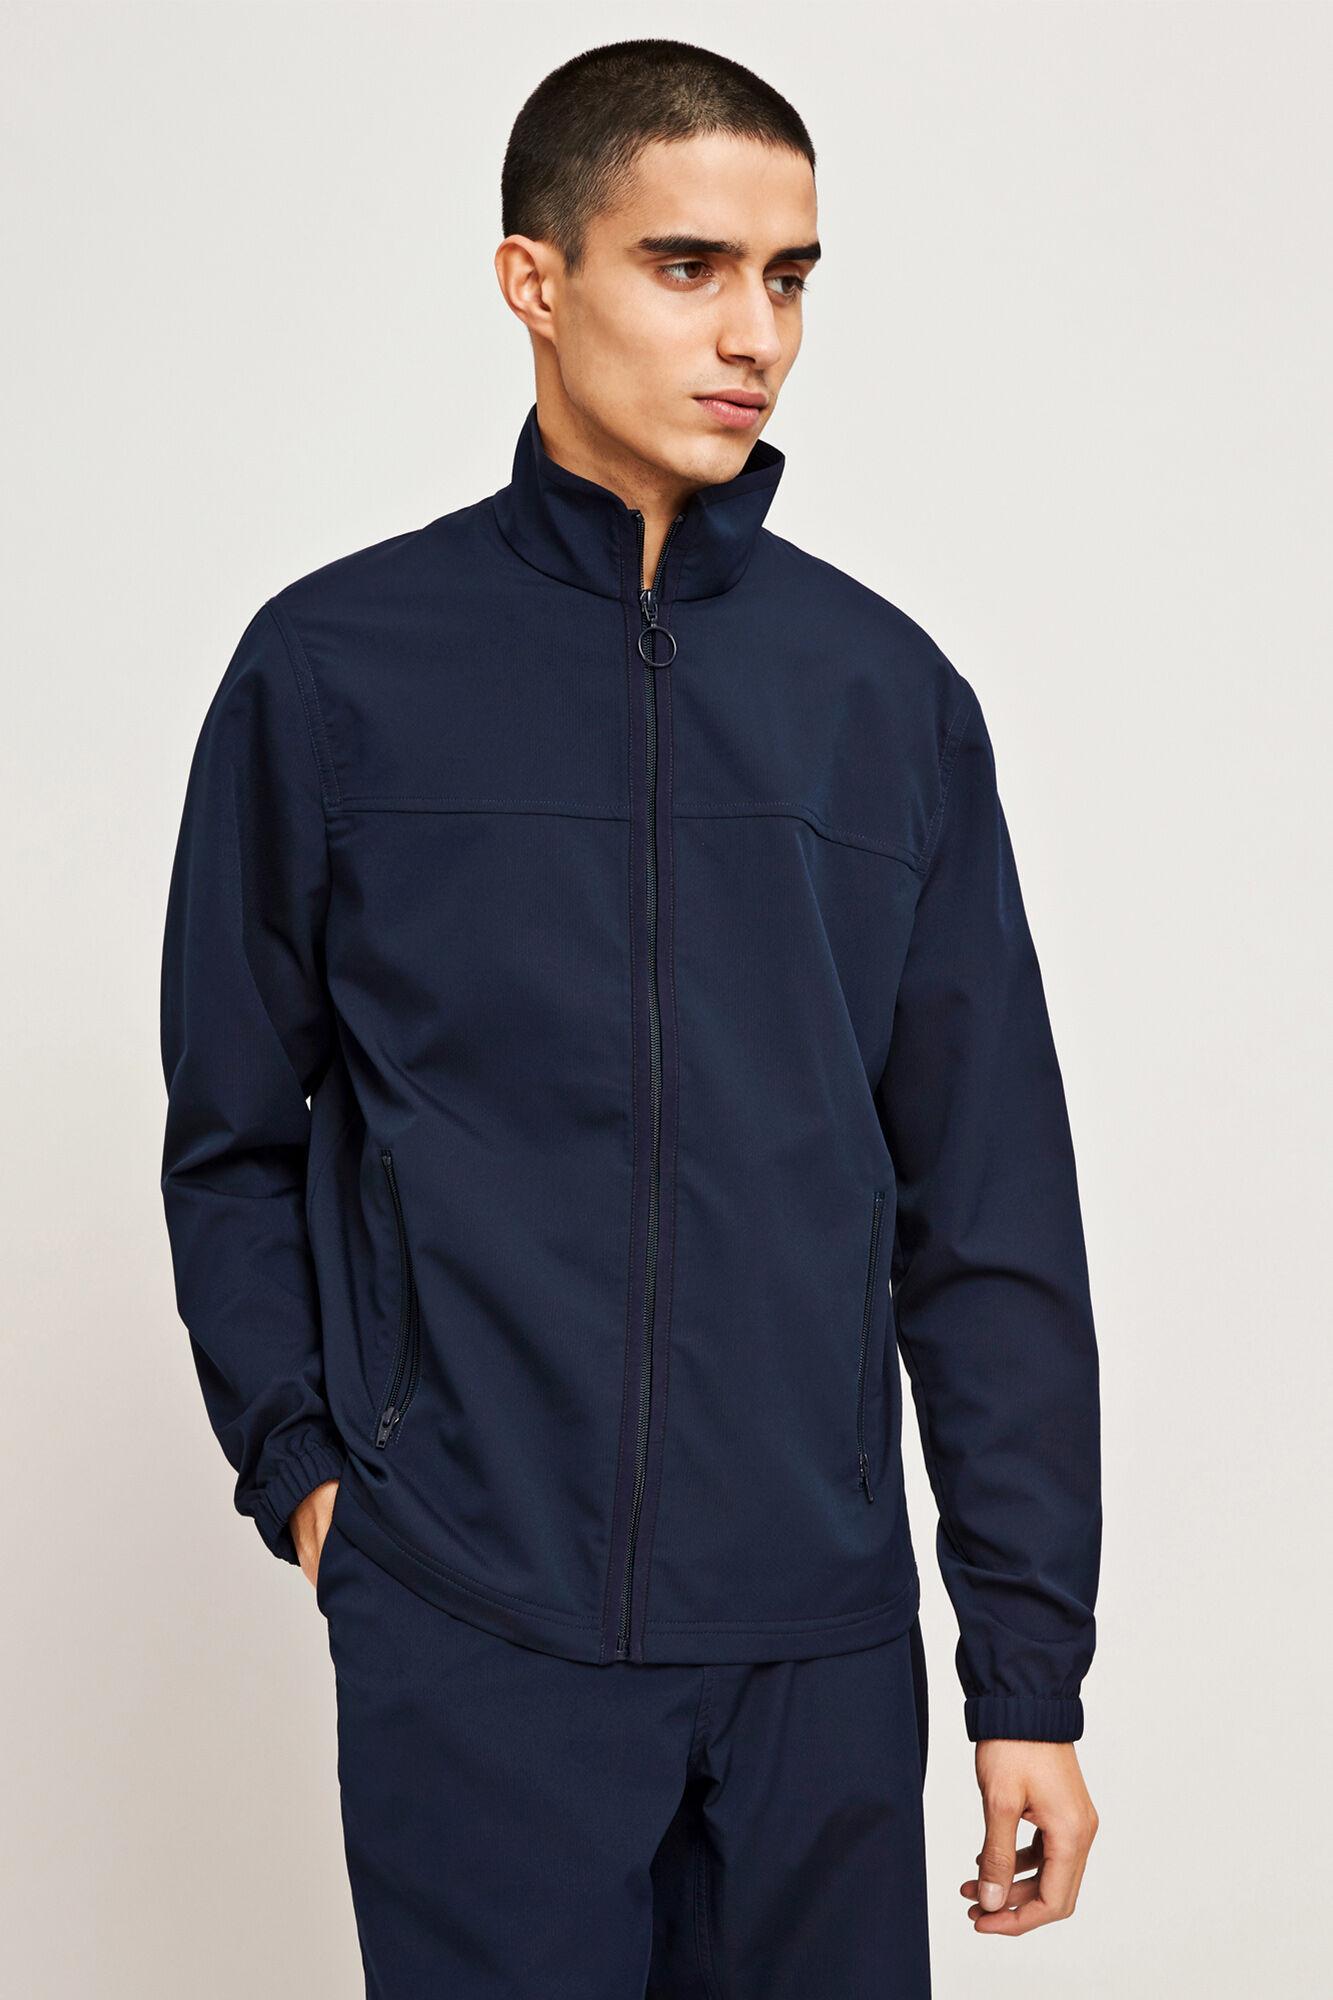 Fiji jacket 9979